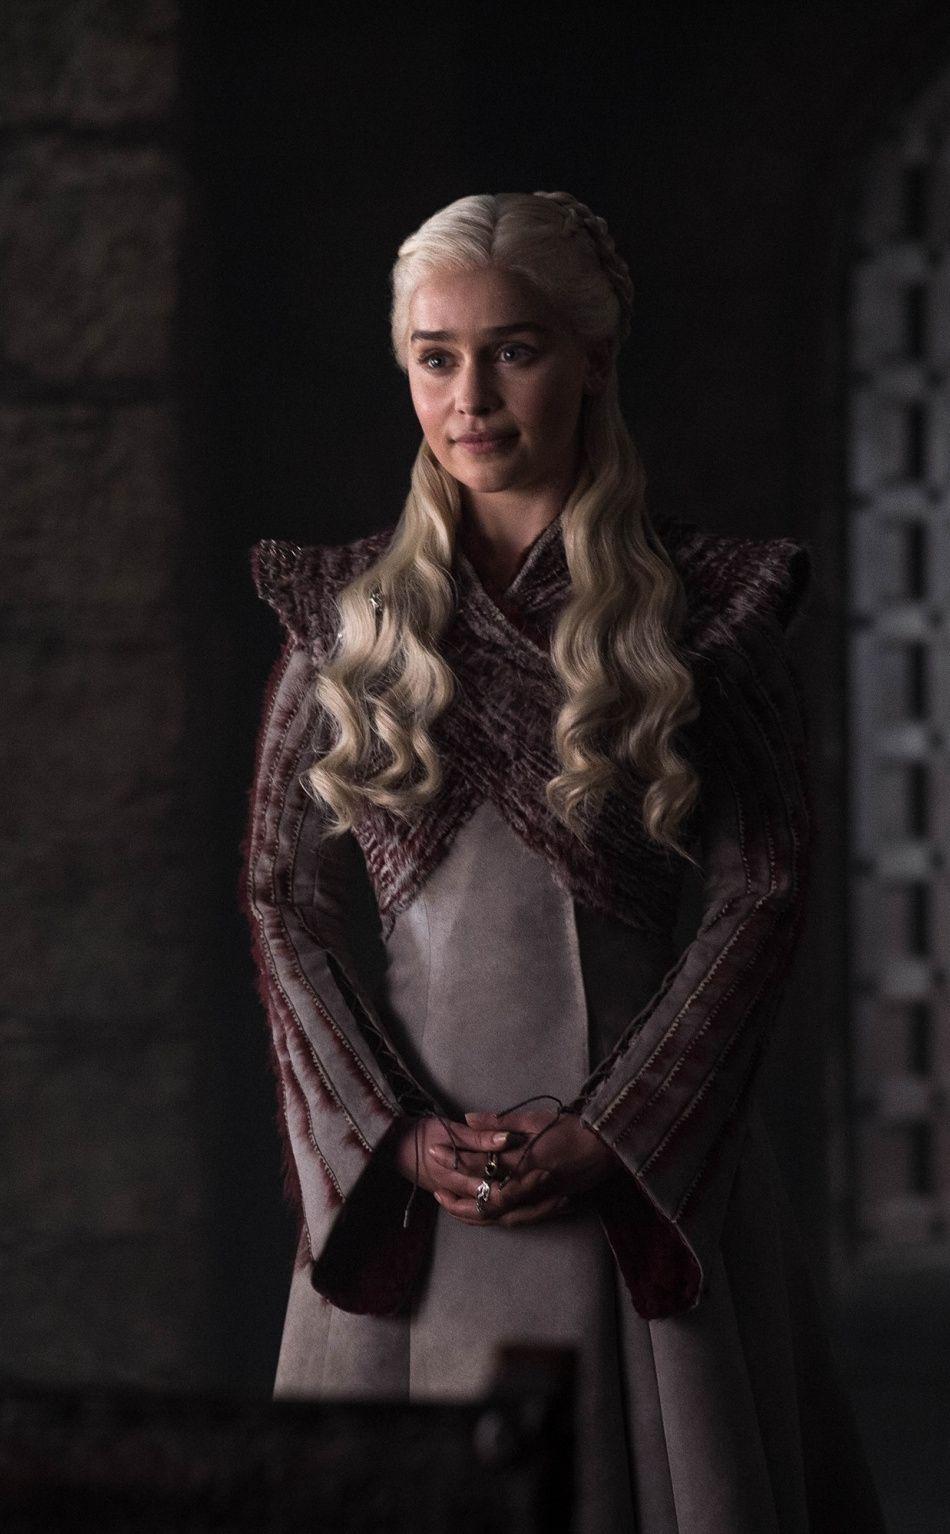 Emilia Clarke Daenerys Targaryen Got Season 8 2019 Wallpaper Emilia Clarke Daenerys Targaryen Wallpaper Emilia Clarke Daenerys Targaryen